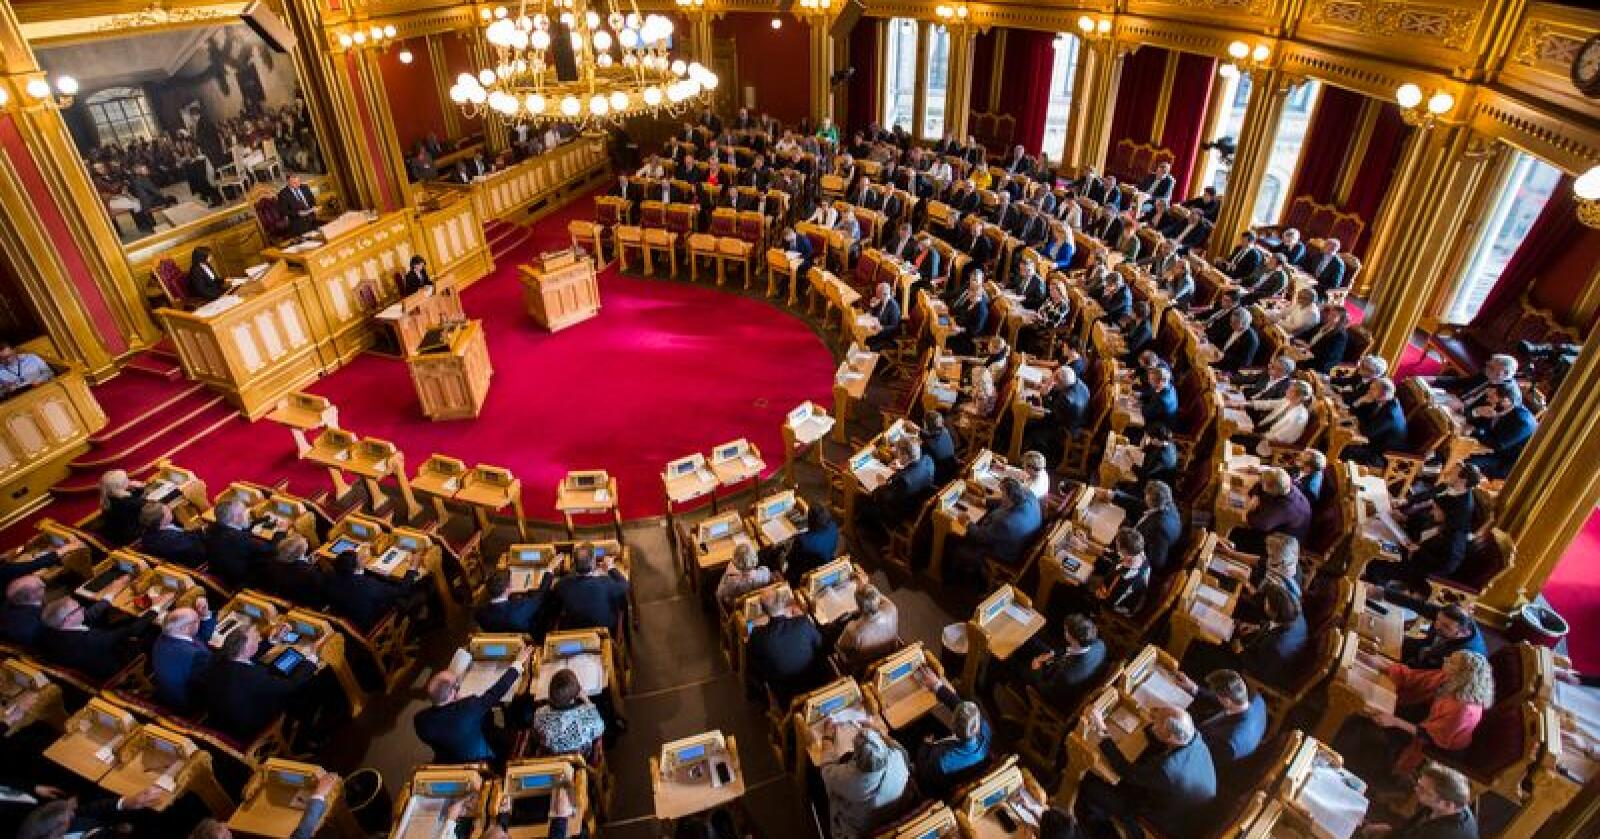 Et fullsatt Storting skal torsdag vedta å legge ned pelsdyrnæringen. Foto: Heiko Junge / NTB scanpix